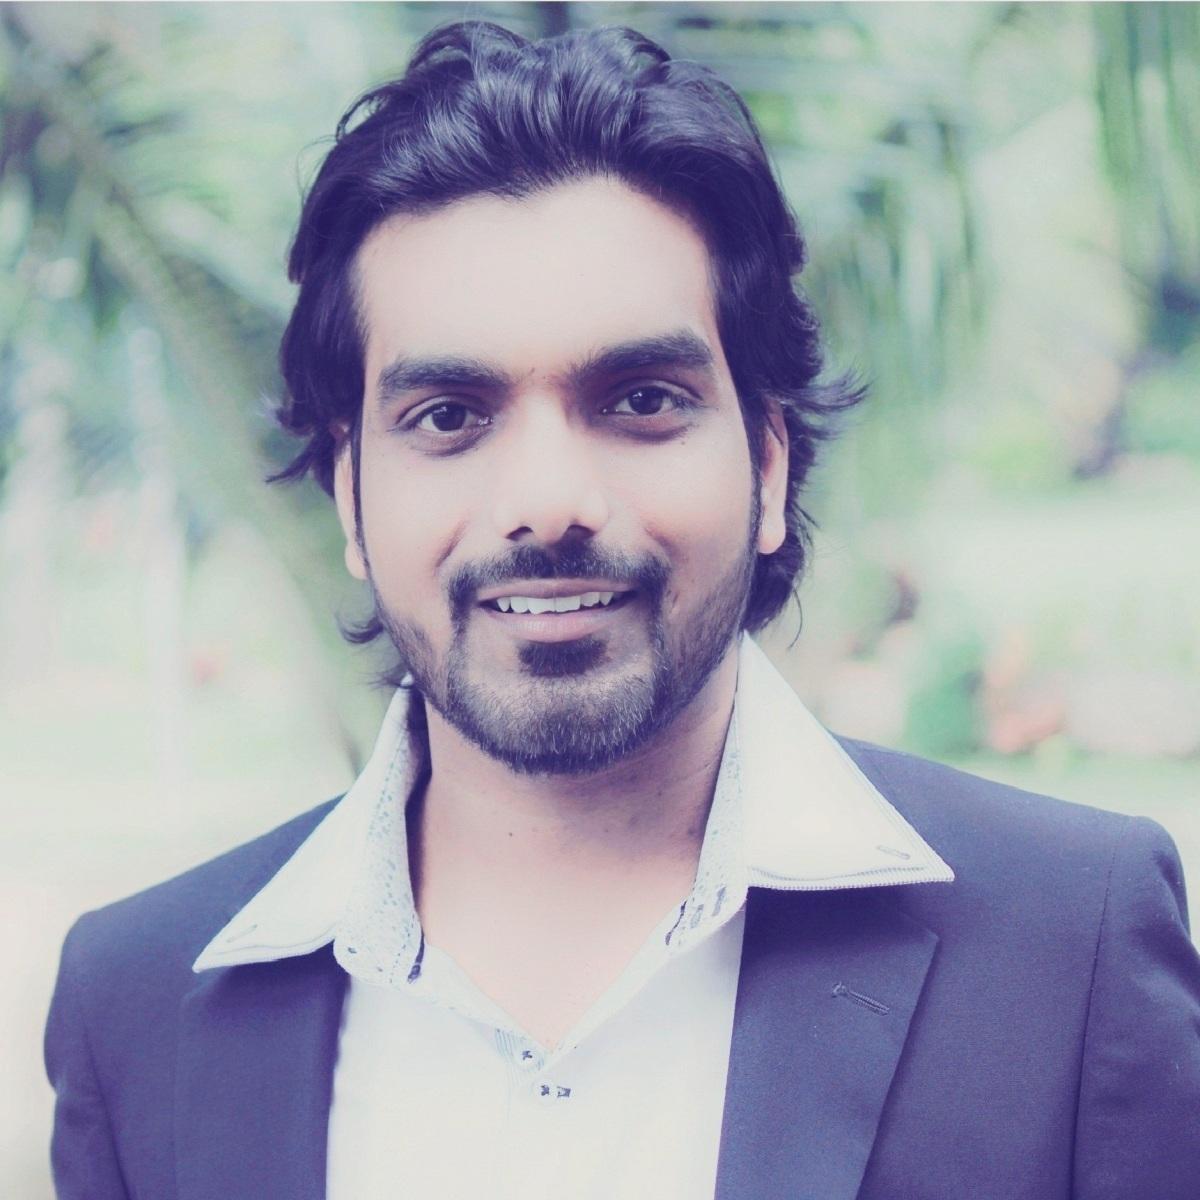 Sudheer Kiran